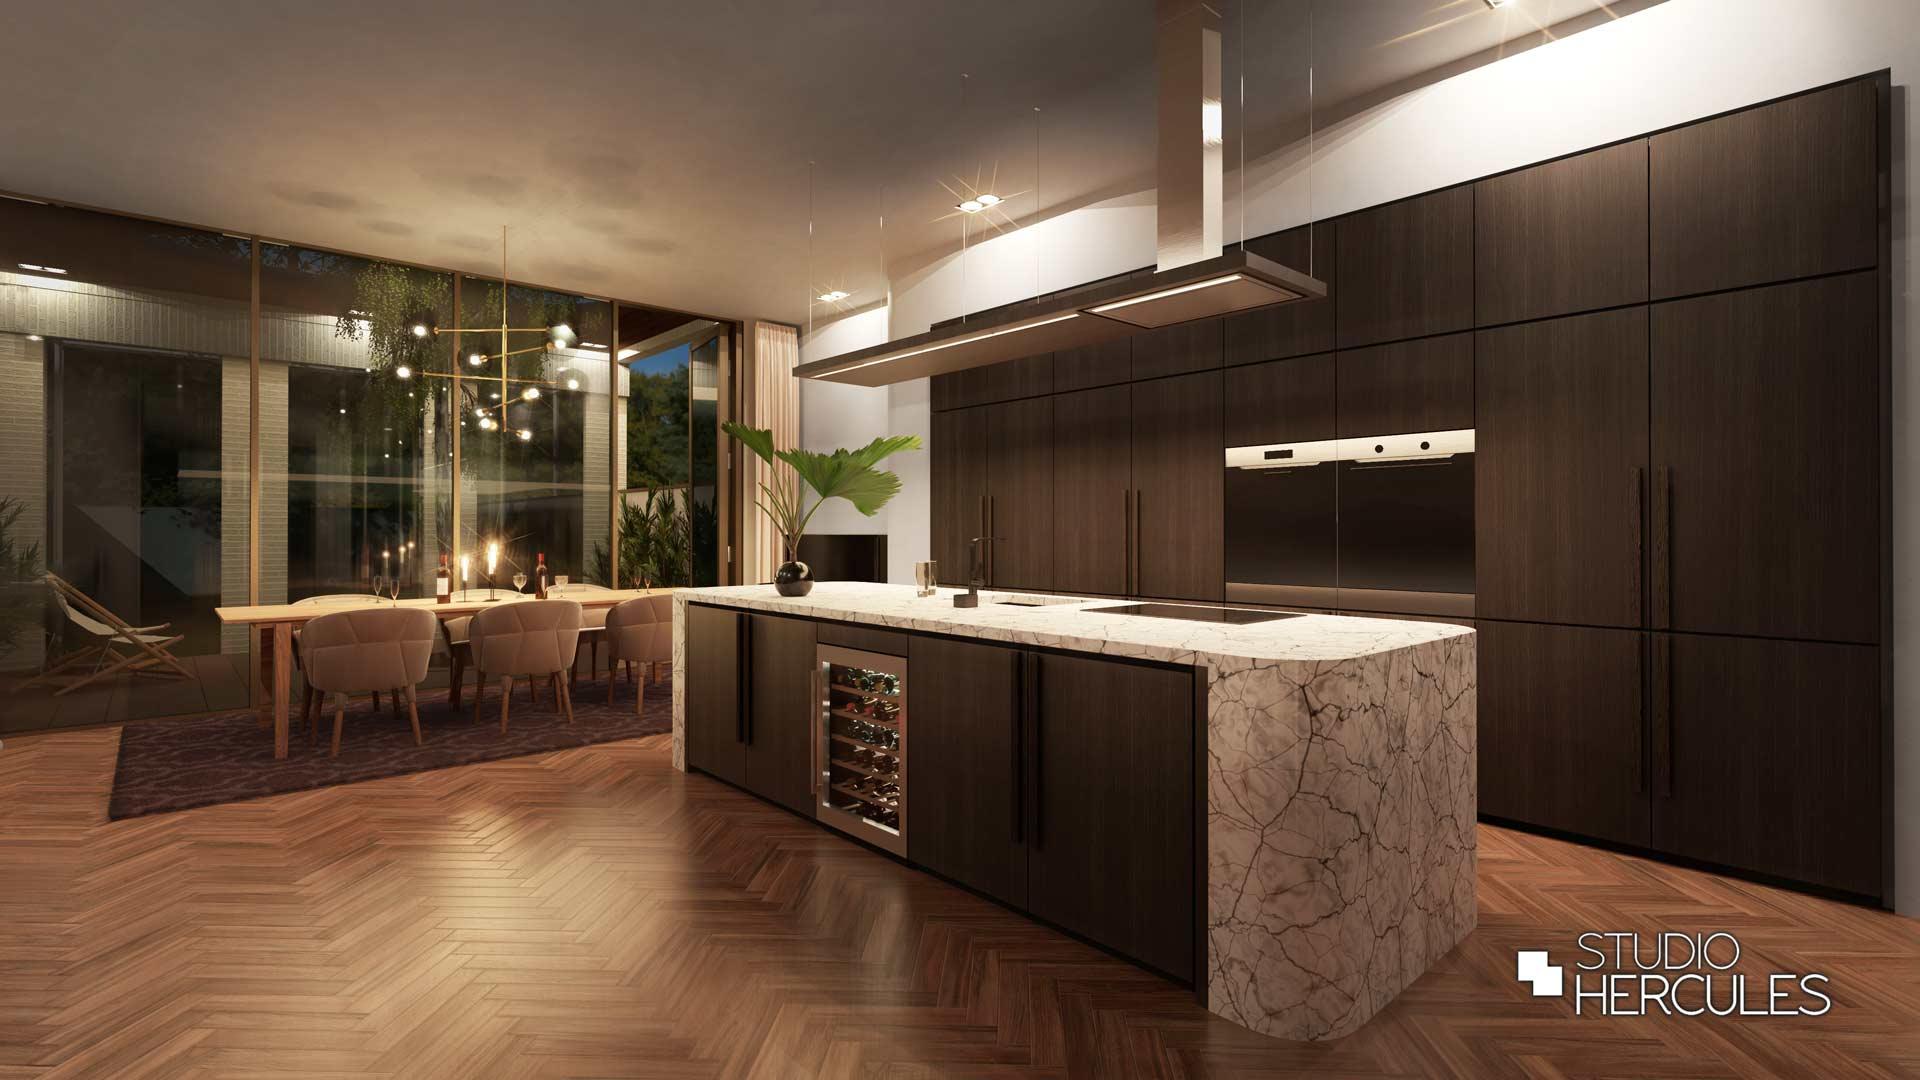 StudioHercules ontwerp luxe woonkeuken